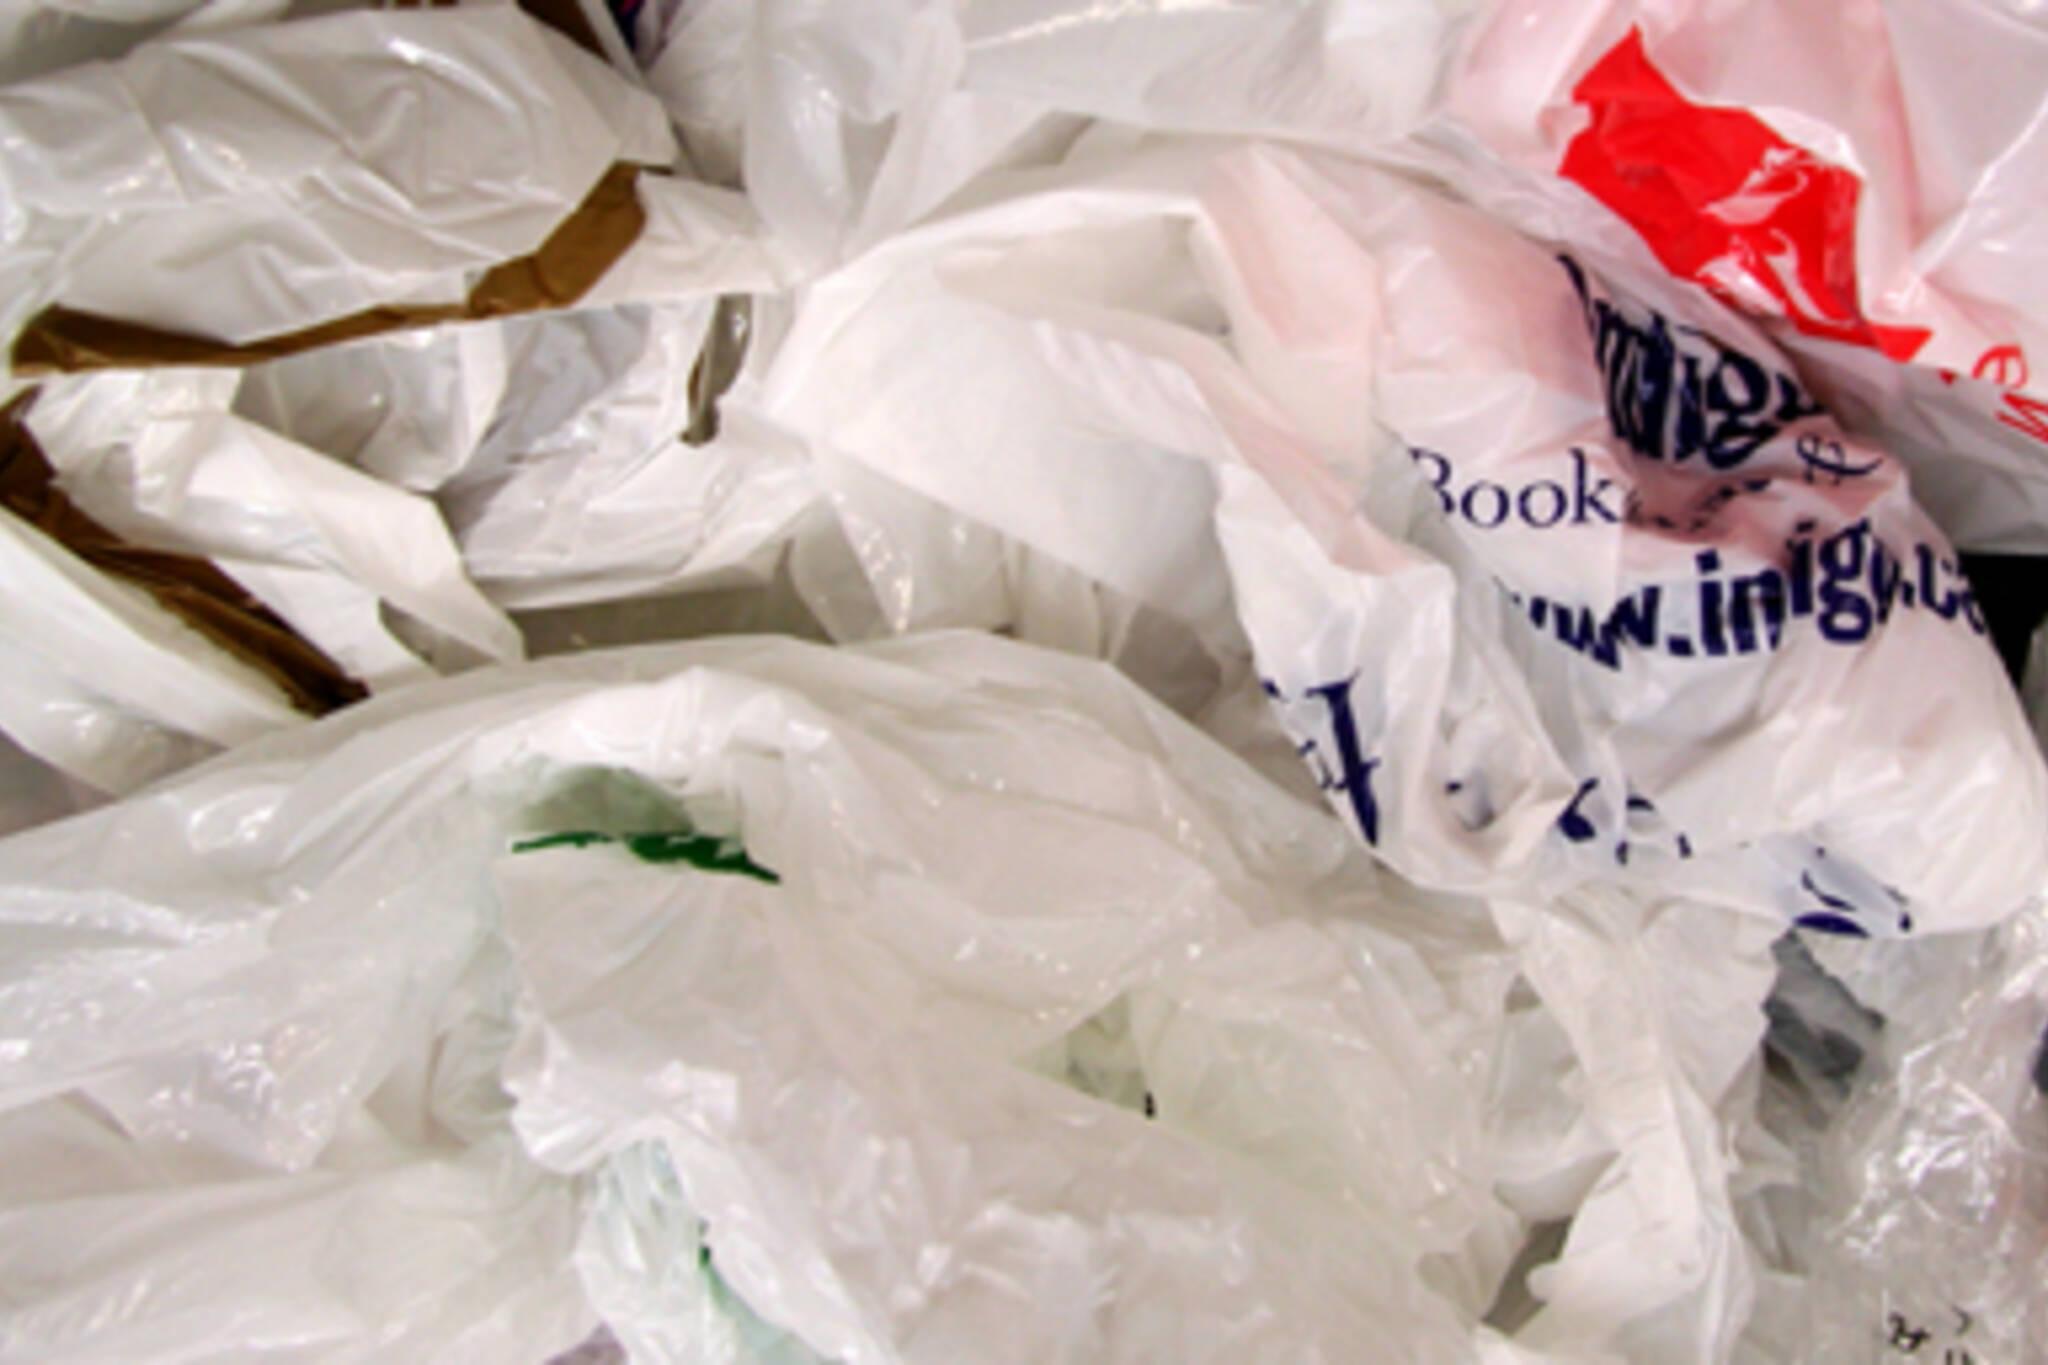 Ban Plastic Bags!